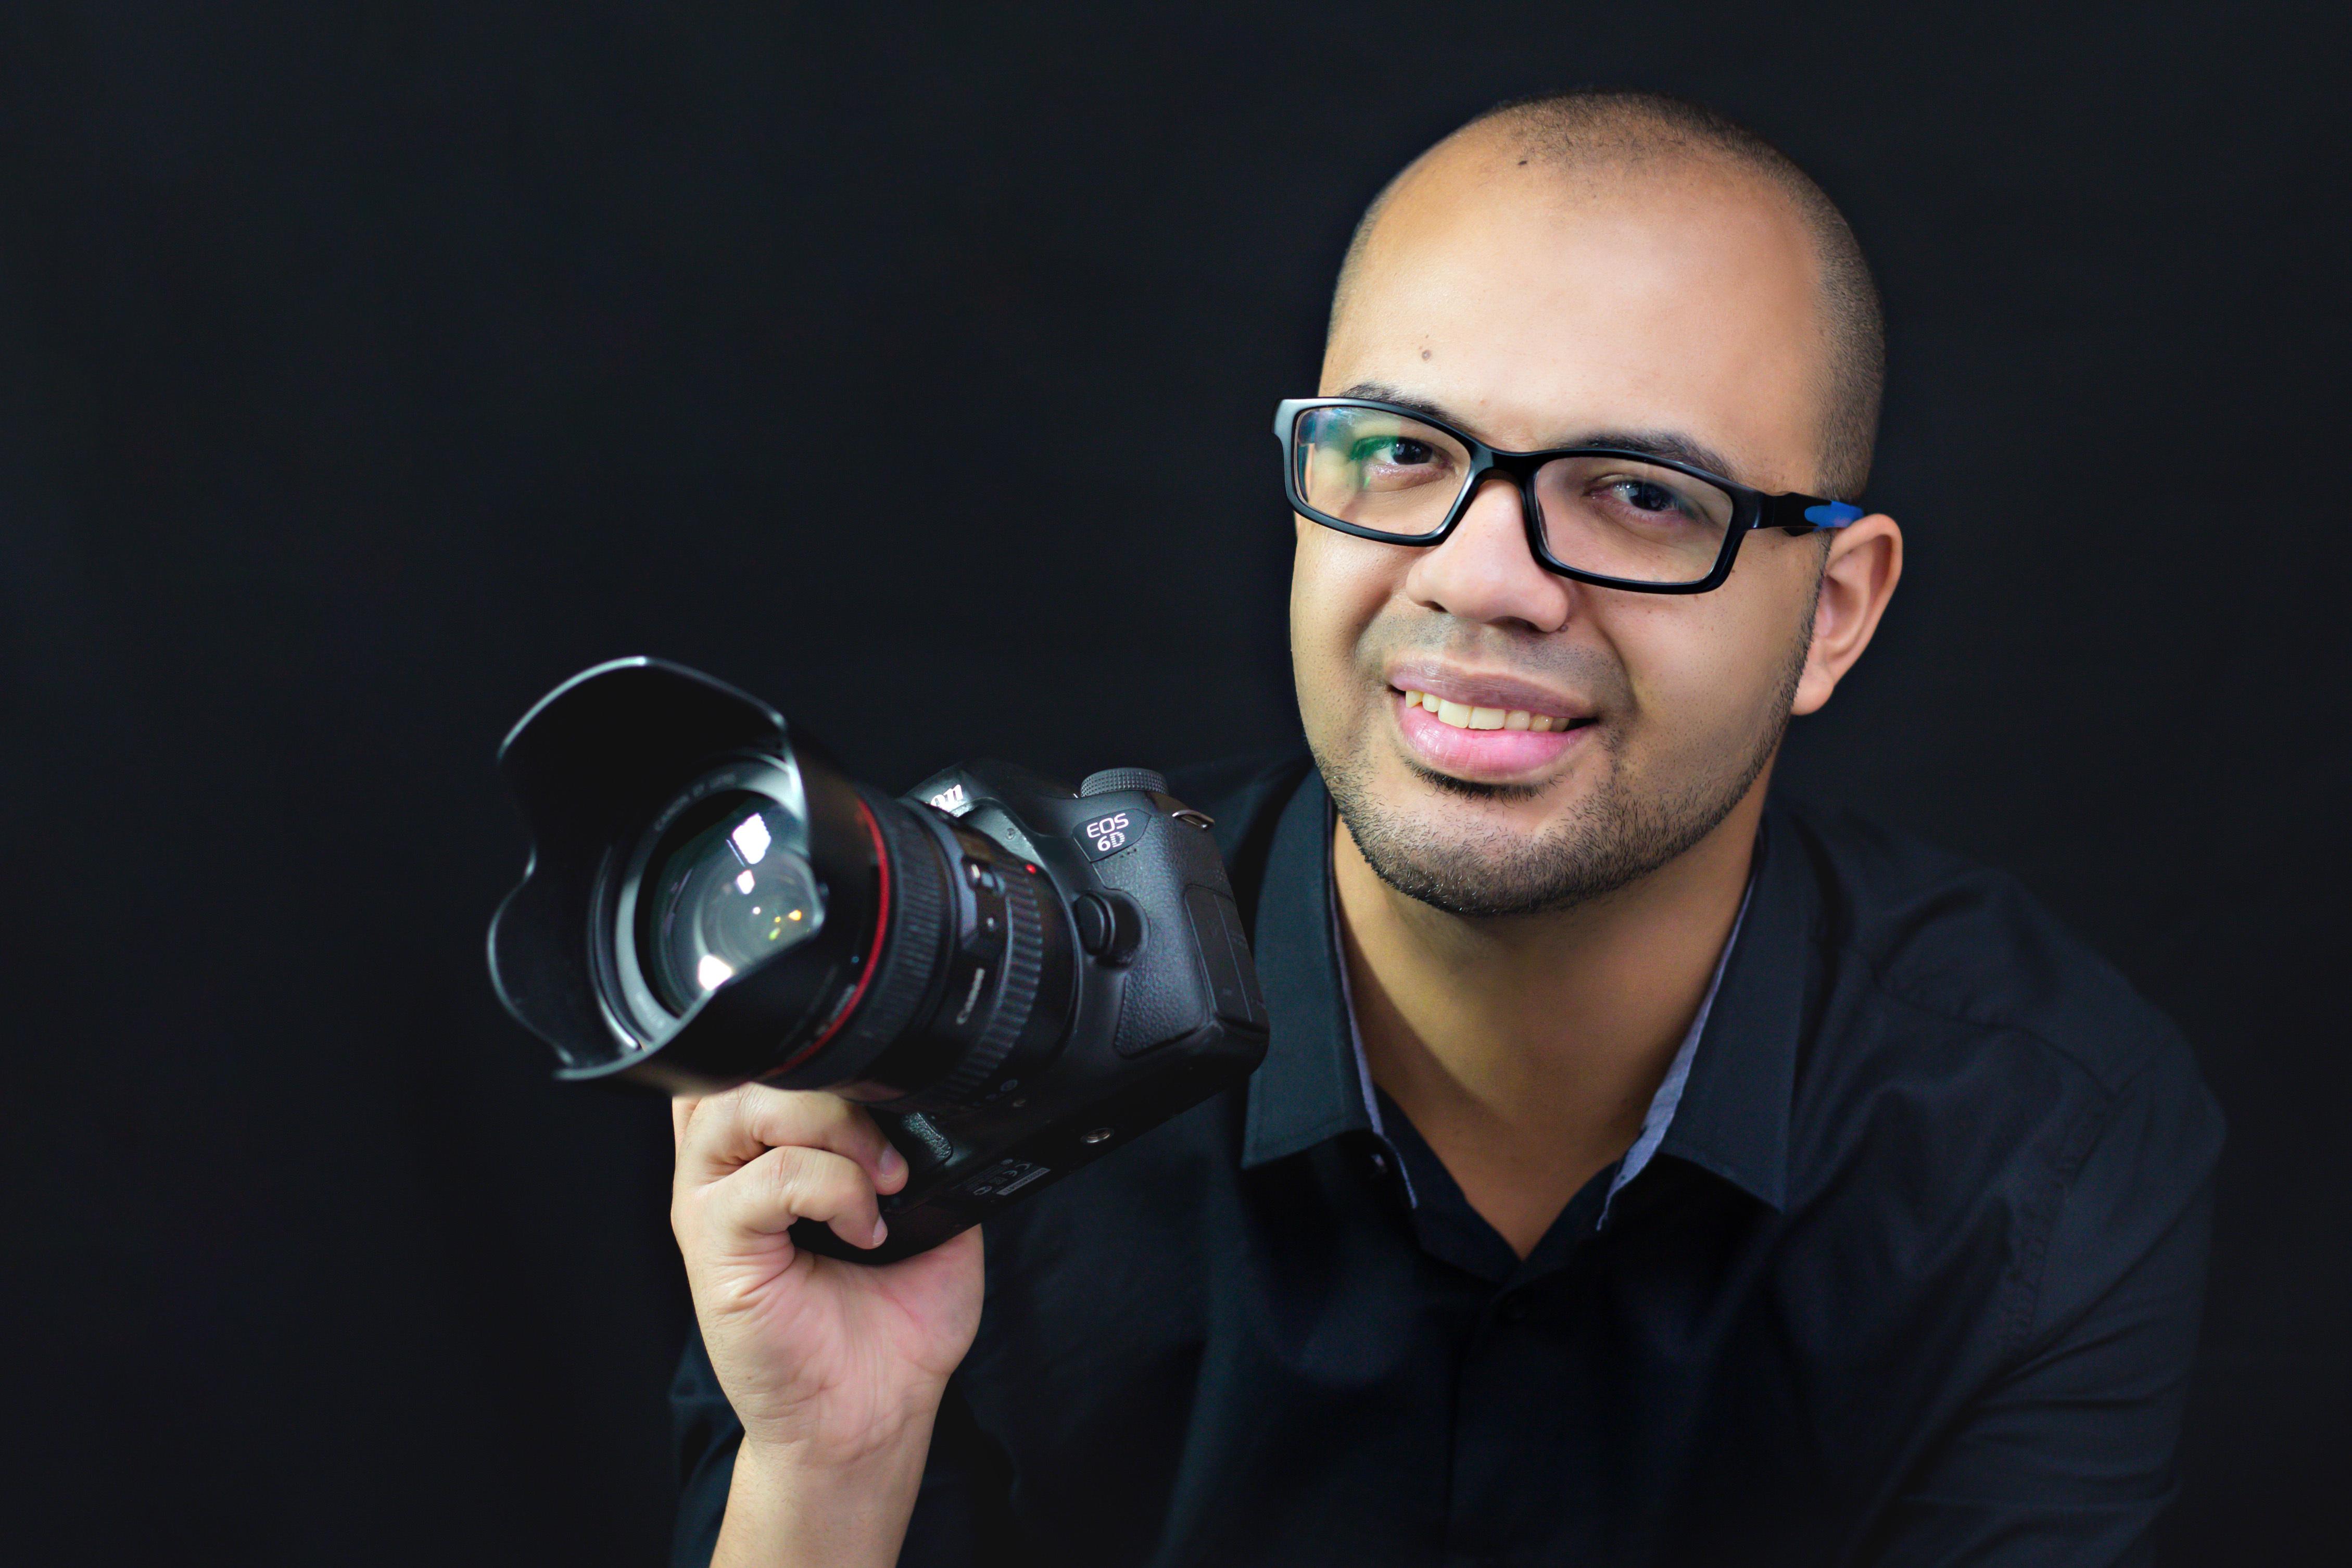 Sobre Alex Foto e Design - Fotógrafo de Aniversário e Casamento Civil em Barueri - Osasco e SP